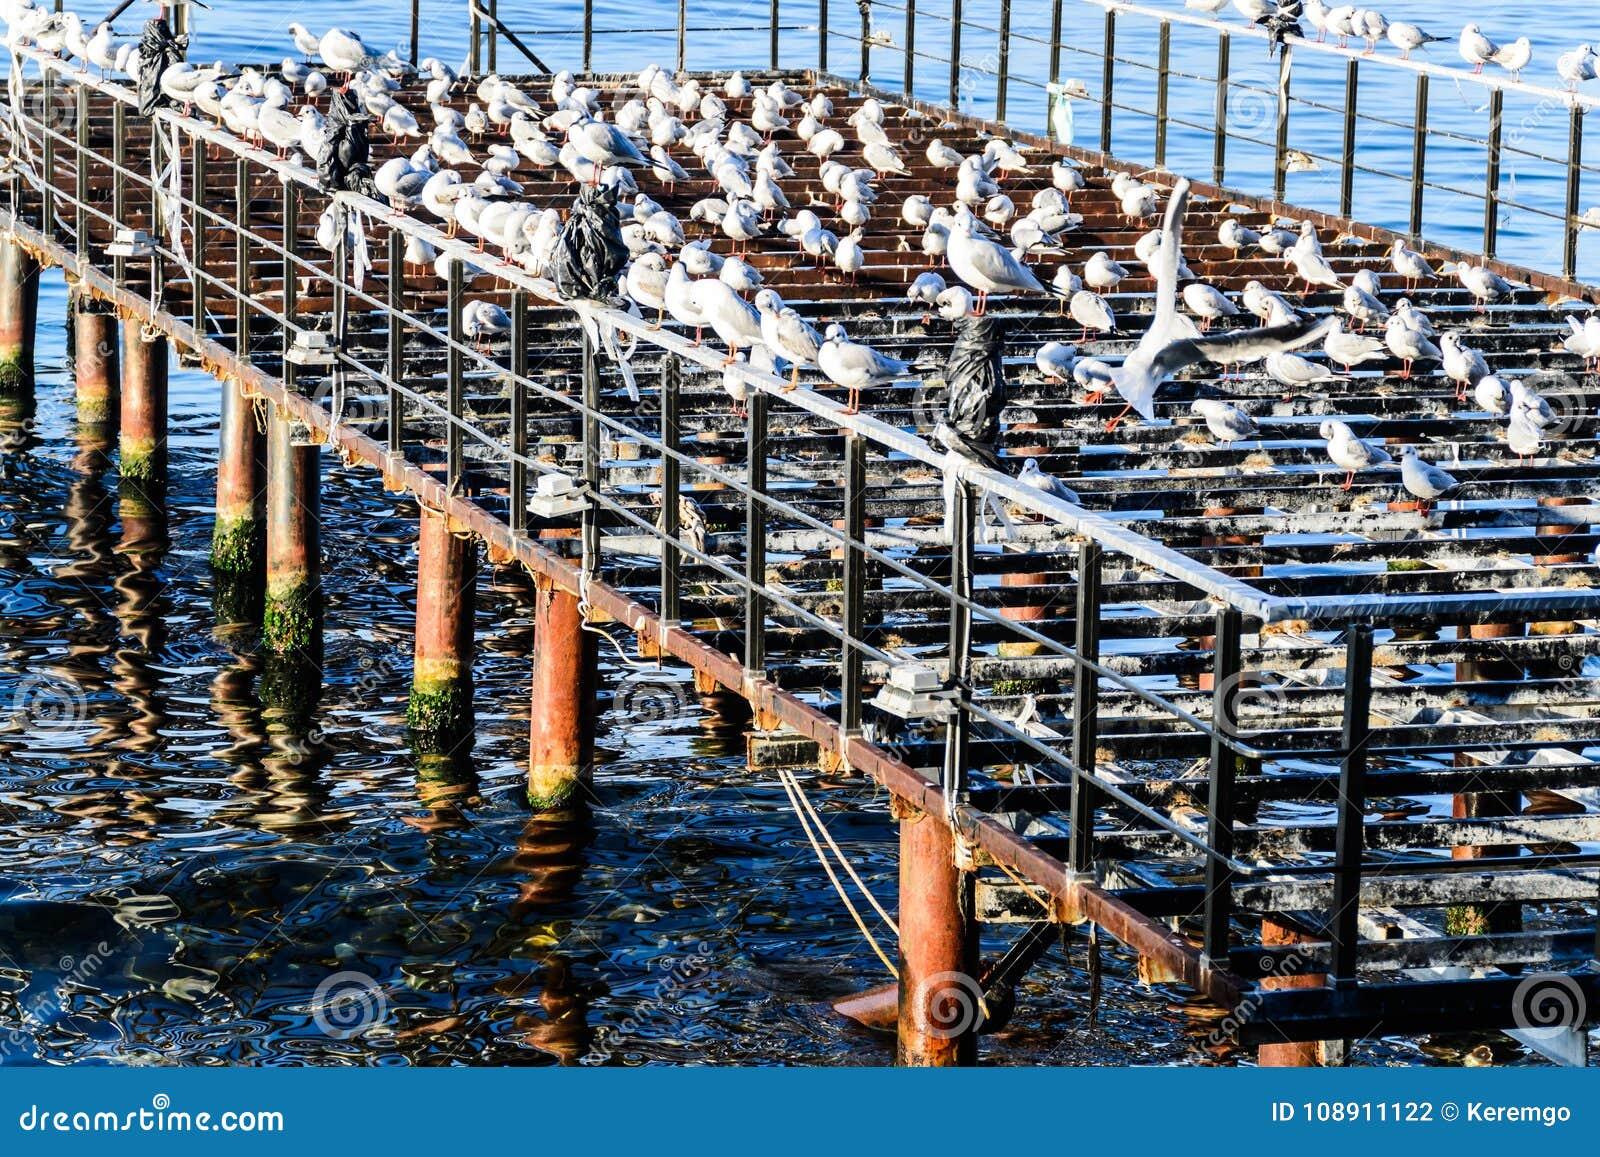 有海鸥和风平浪静的使荒凉的船坞